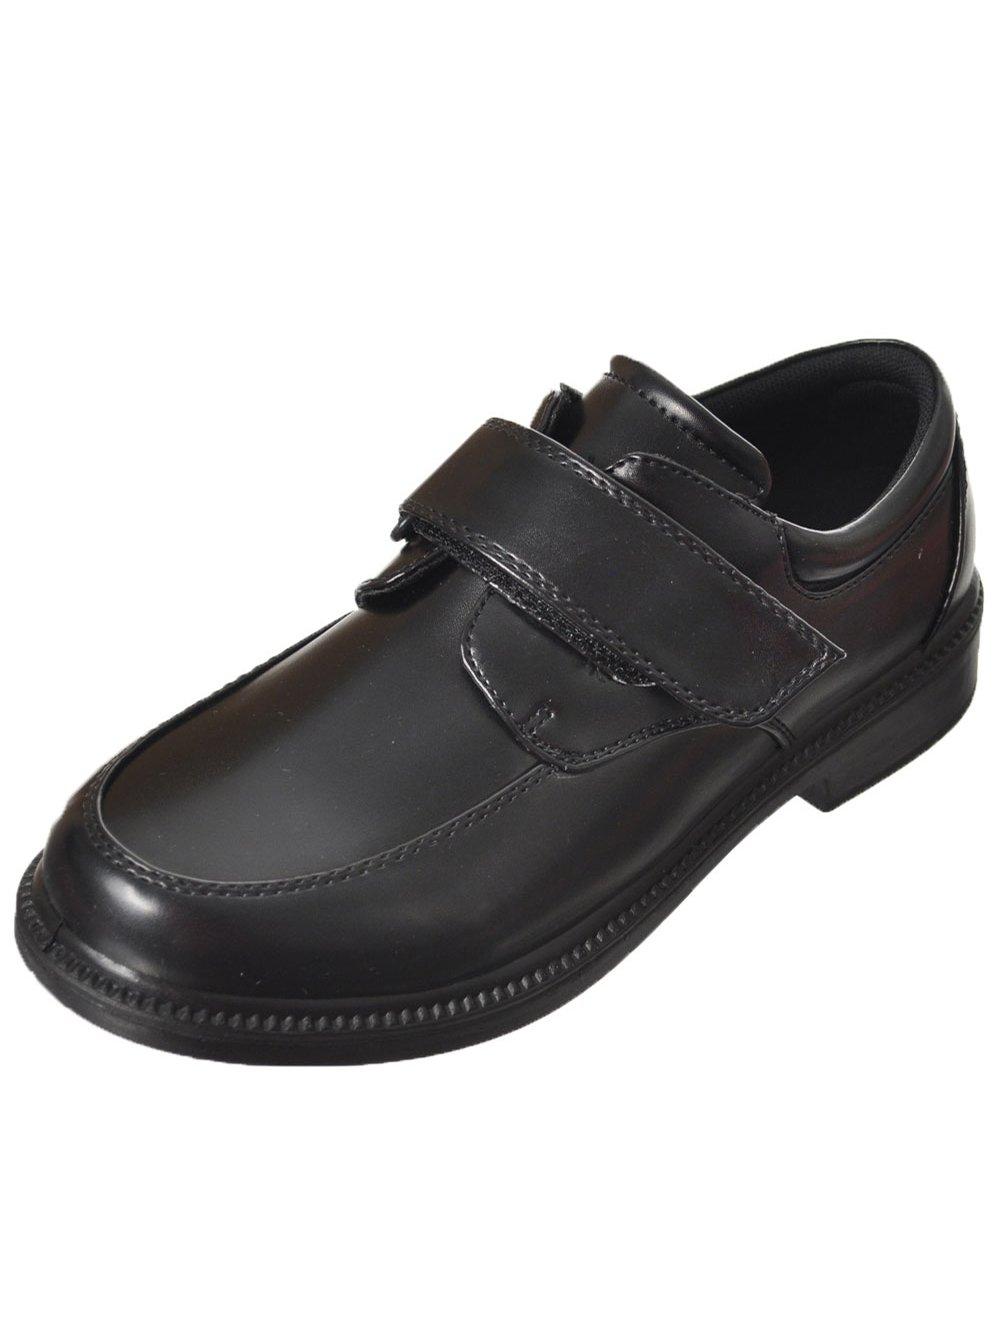 French Toast Boys Eric Uniform Dress Shoe Black 1